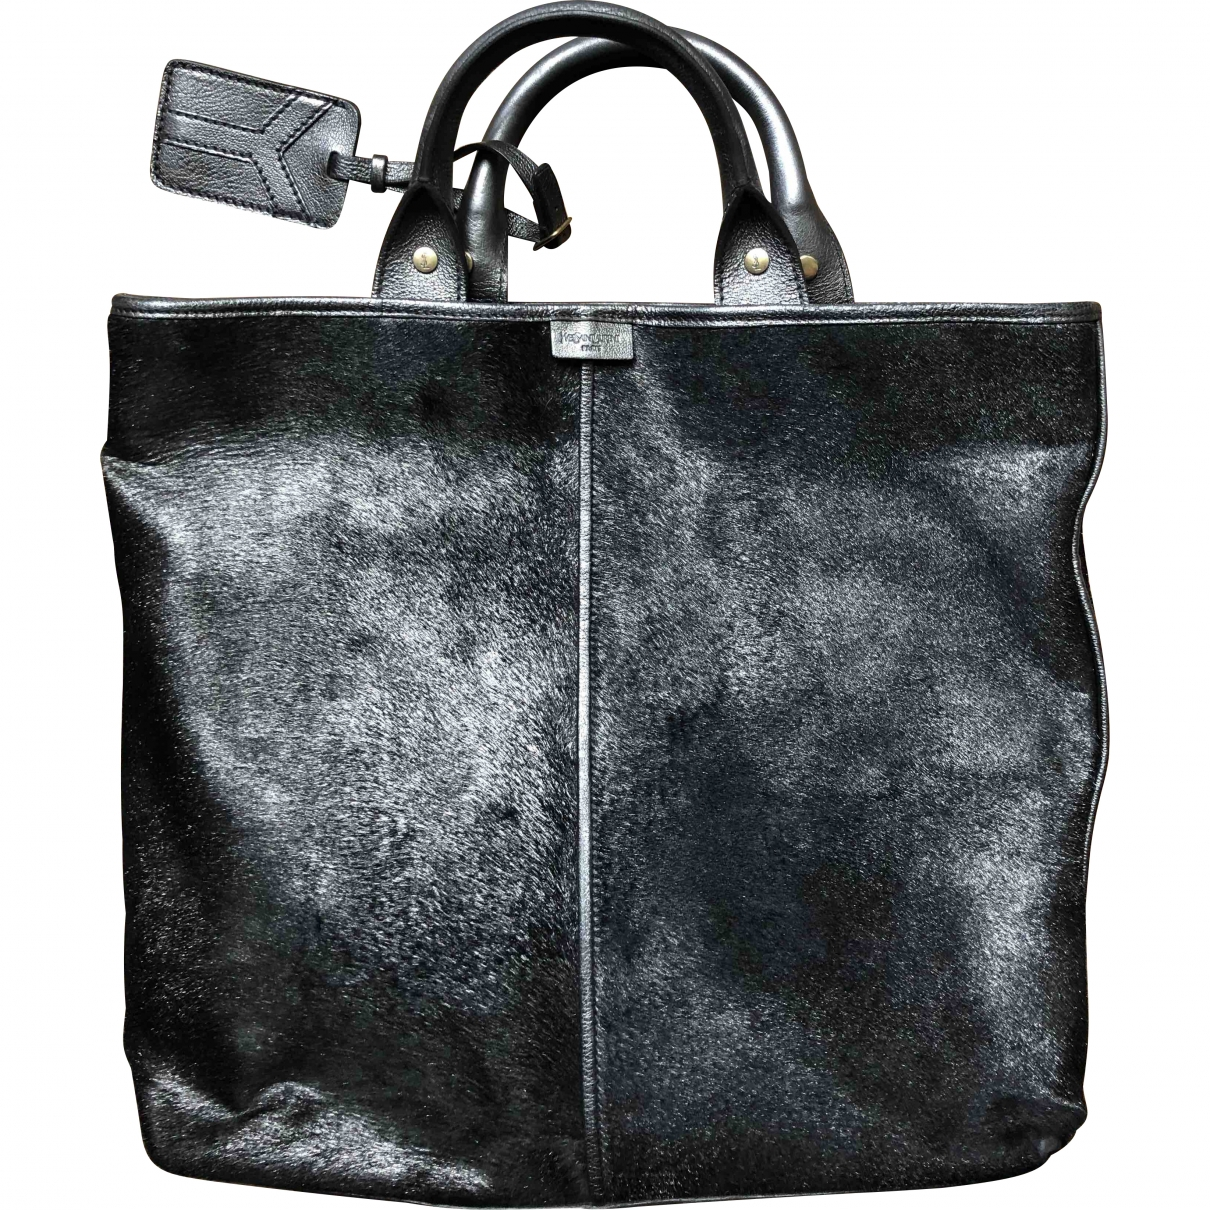 Yves Saint Laurent \N Silver Pony-style calfskin handbag for Women \N